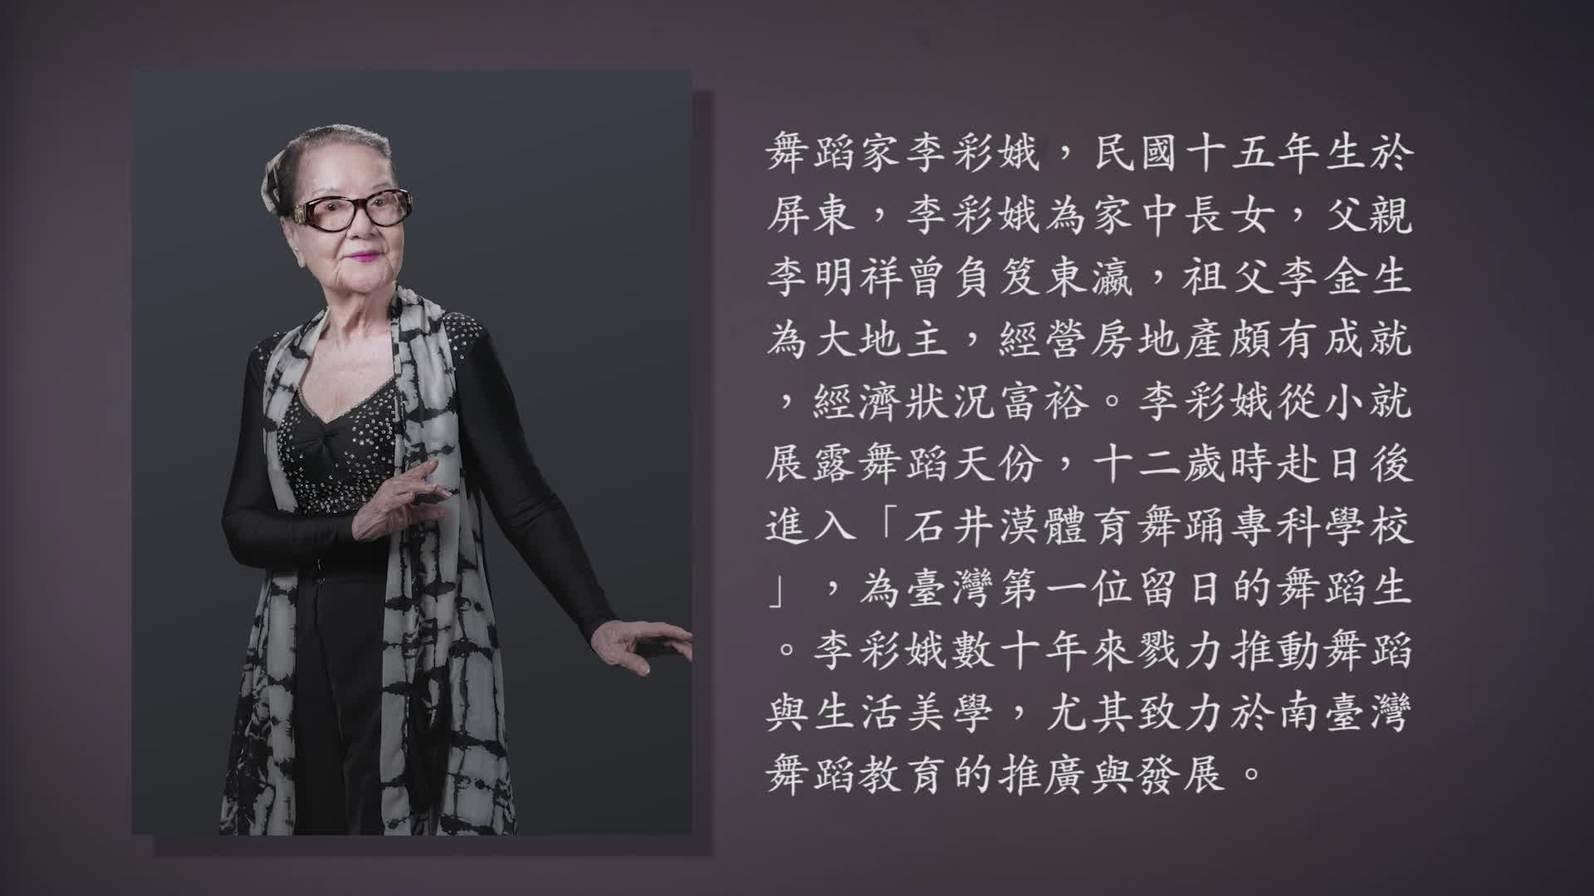 技藝.記憶-傳統藝術藝人口述歷史影像紀錄計畫-李彩娥精華片段